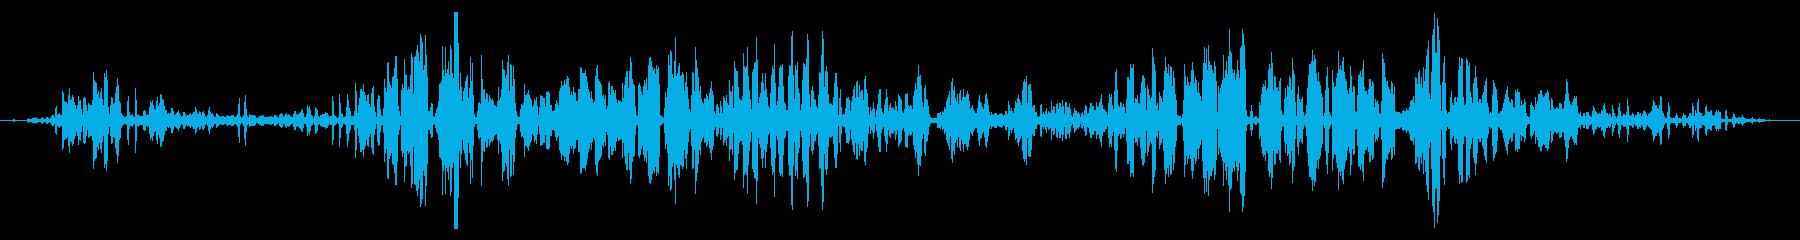 ガチョウとアヒルのグループ:ヘビーコールの再生済みの波形